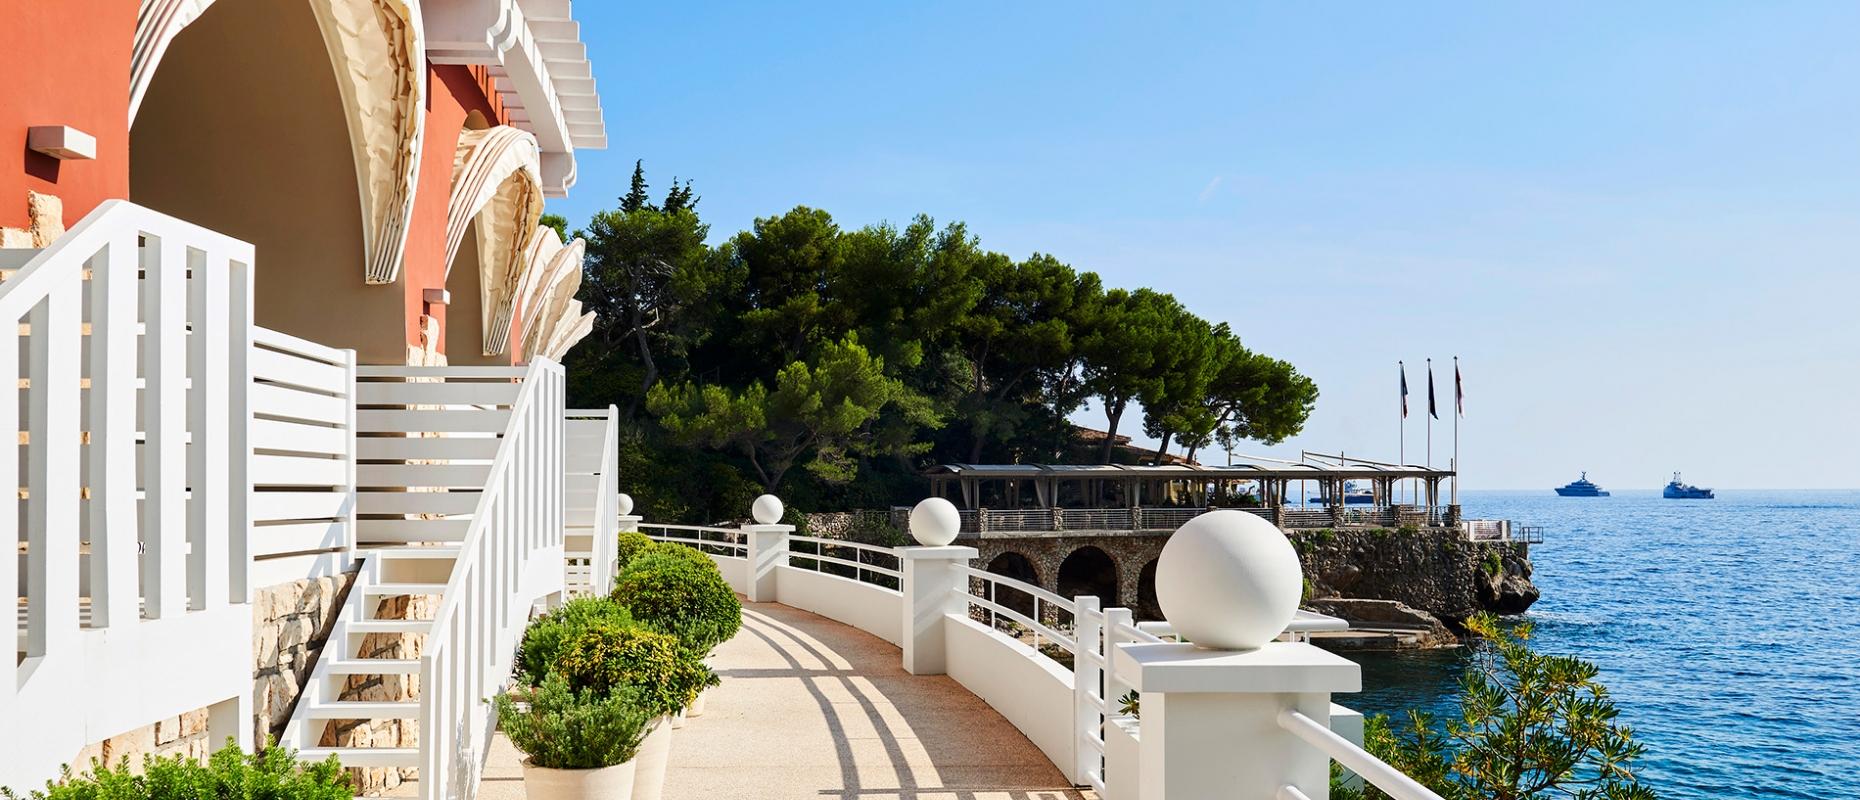 monaco_monte_carlo_beach_terrasse_1900x990